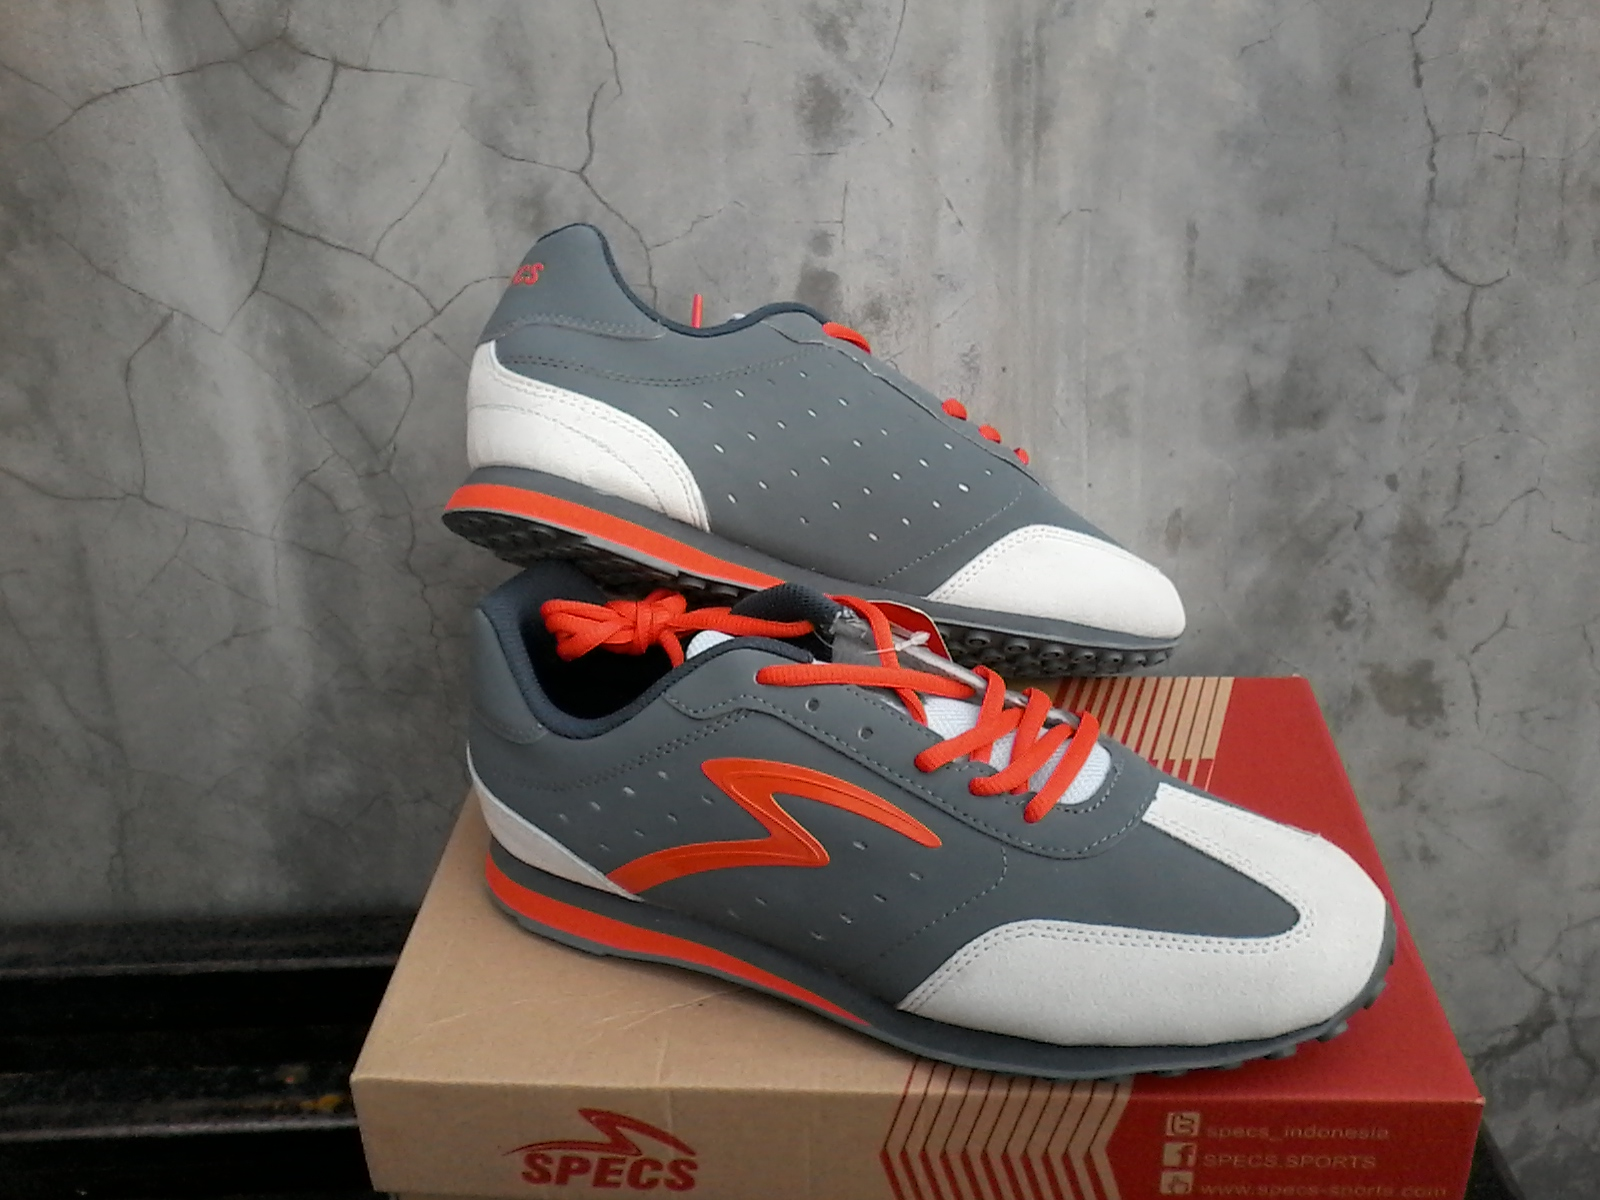 Sepatu Casual Sporty Specs Coco Bolo Anthracite Grey Merek   Specs Jenis  Sepatu   Sporty Casual Seri   Coco Bolo Ready Stock Size   39 d8b2abed14